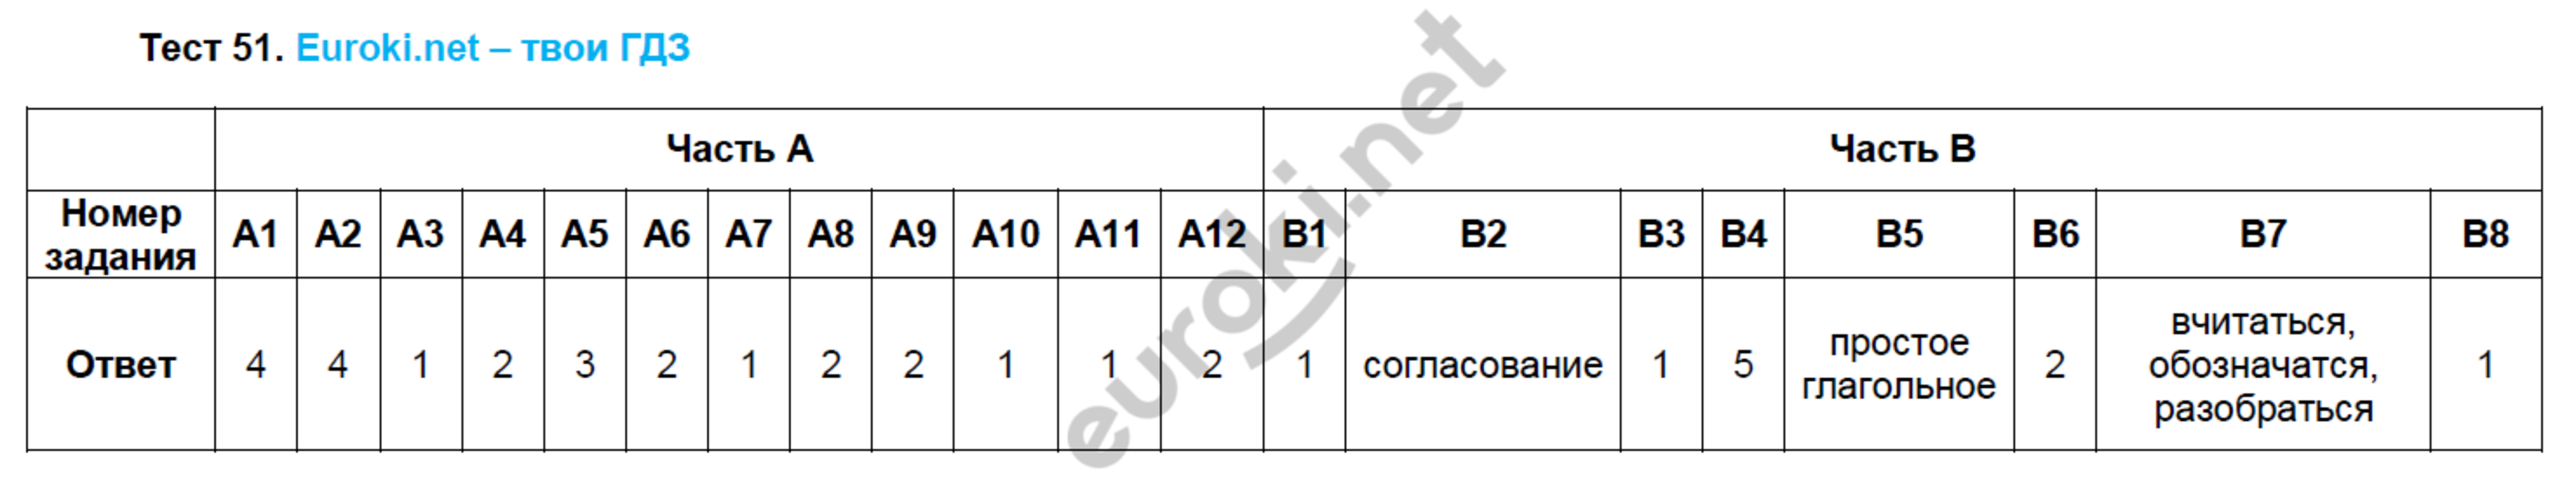 ГДЗ по русскому языку 8 класс тесты Груздева, Разумовская Экзамен ответы и решения онлайн. Задание: Тест 51